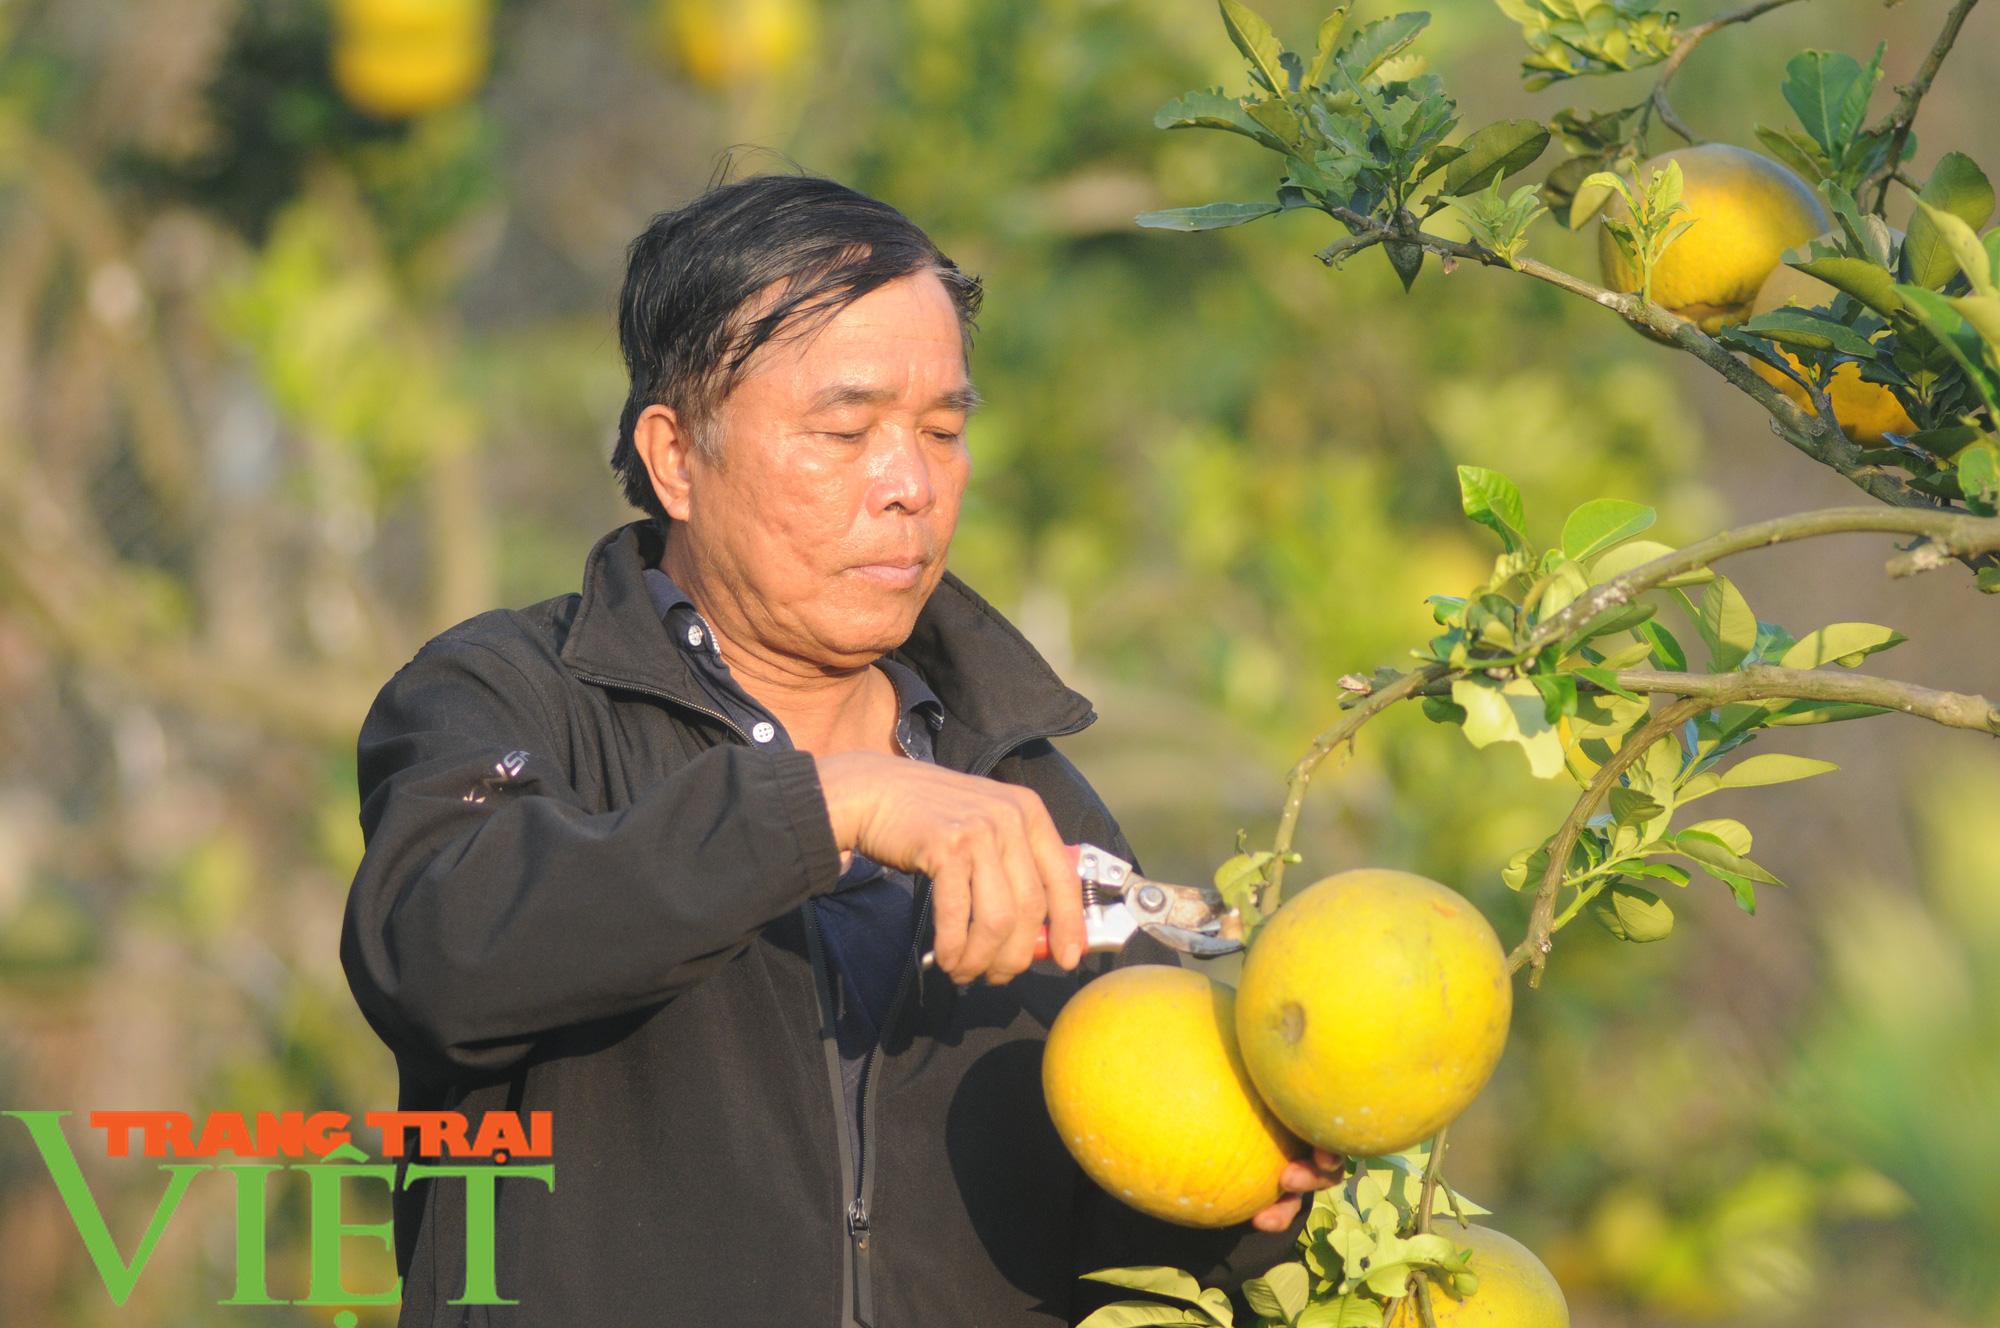 Chỉ trồng cây ăn quả, cựu binh thu nửa tỷ mỗi năm - Ảnh 2.